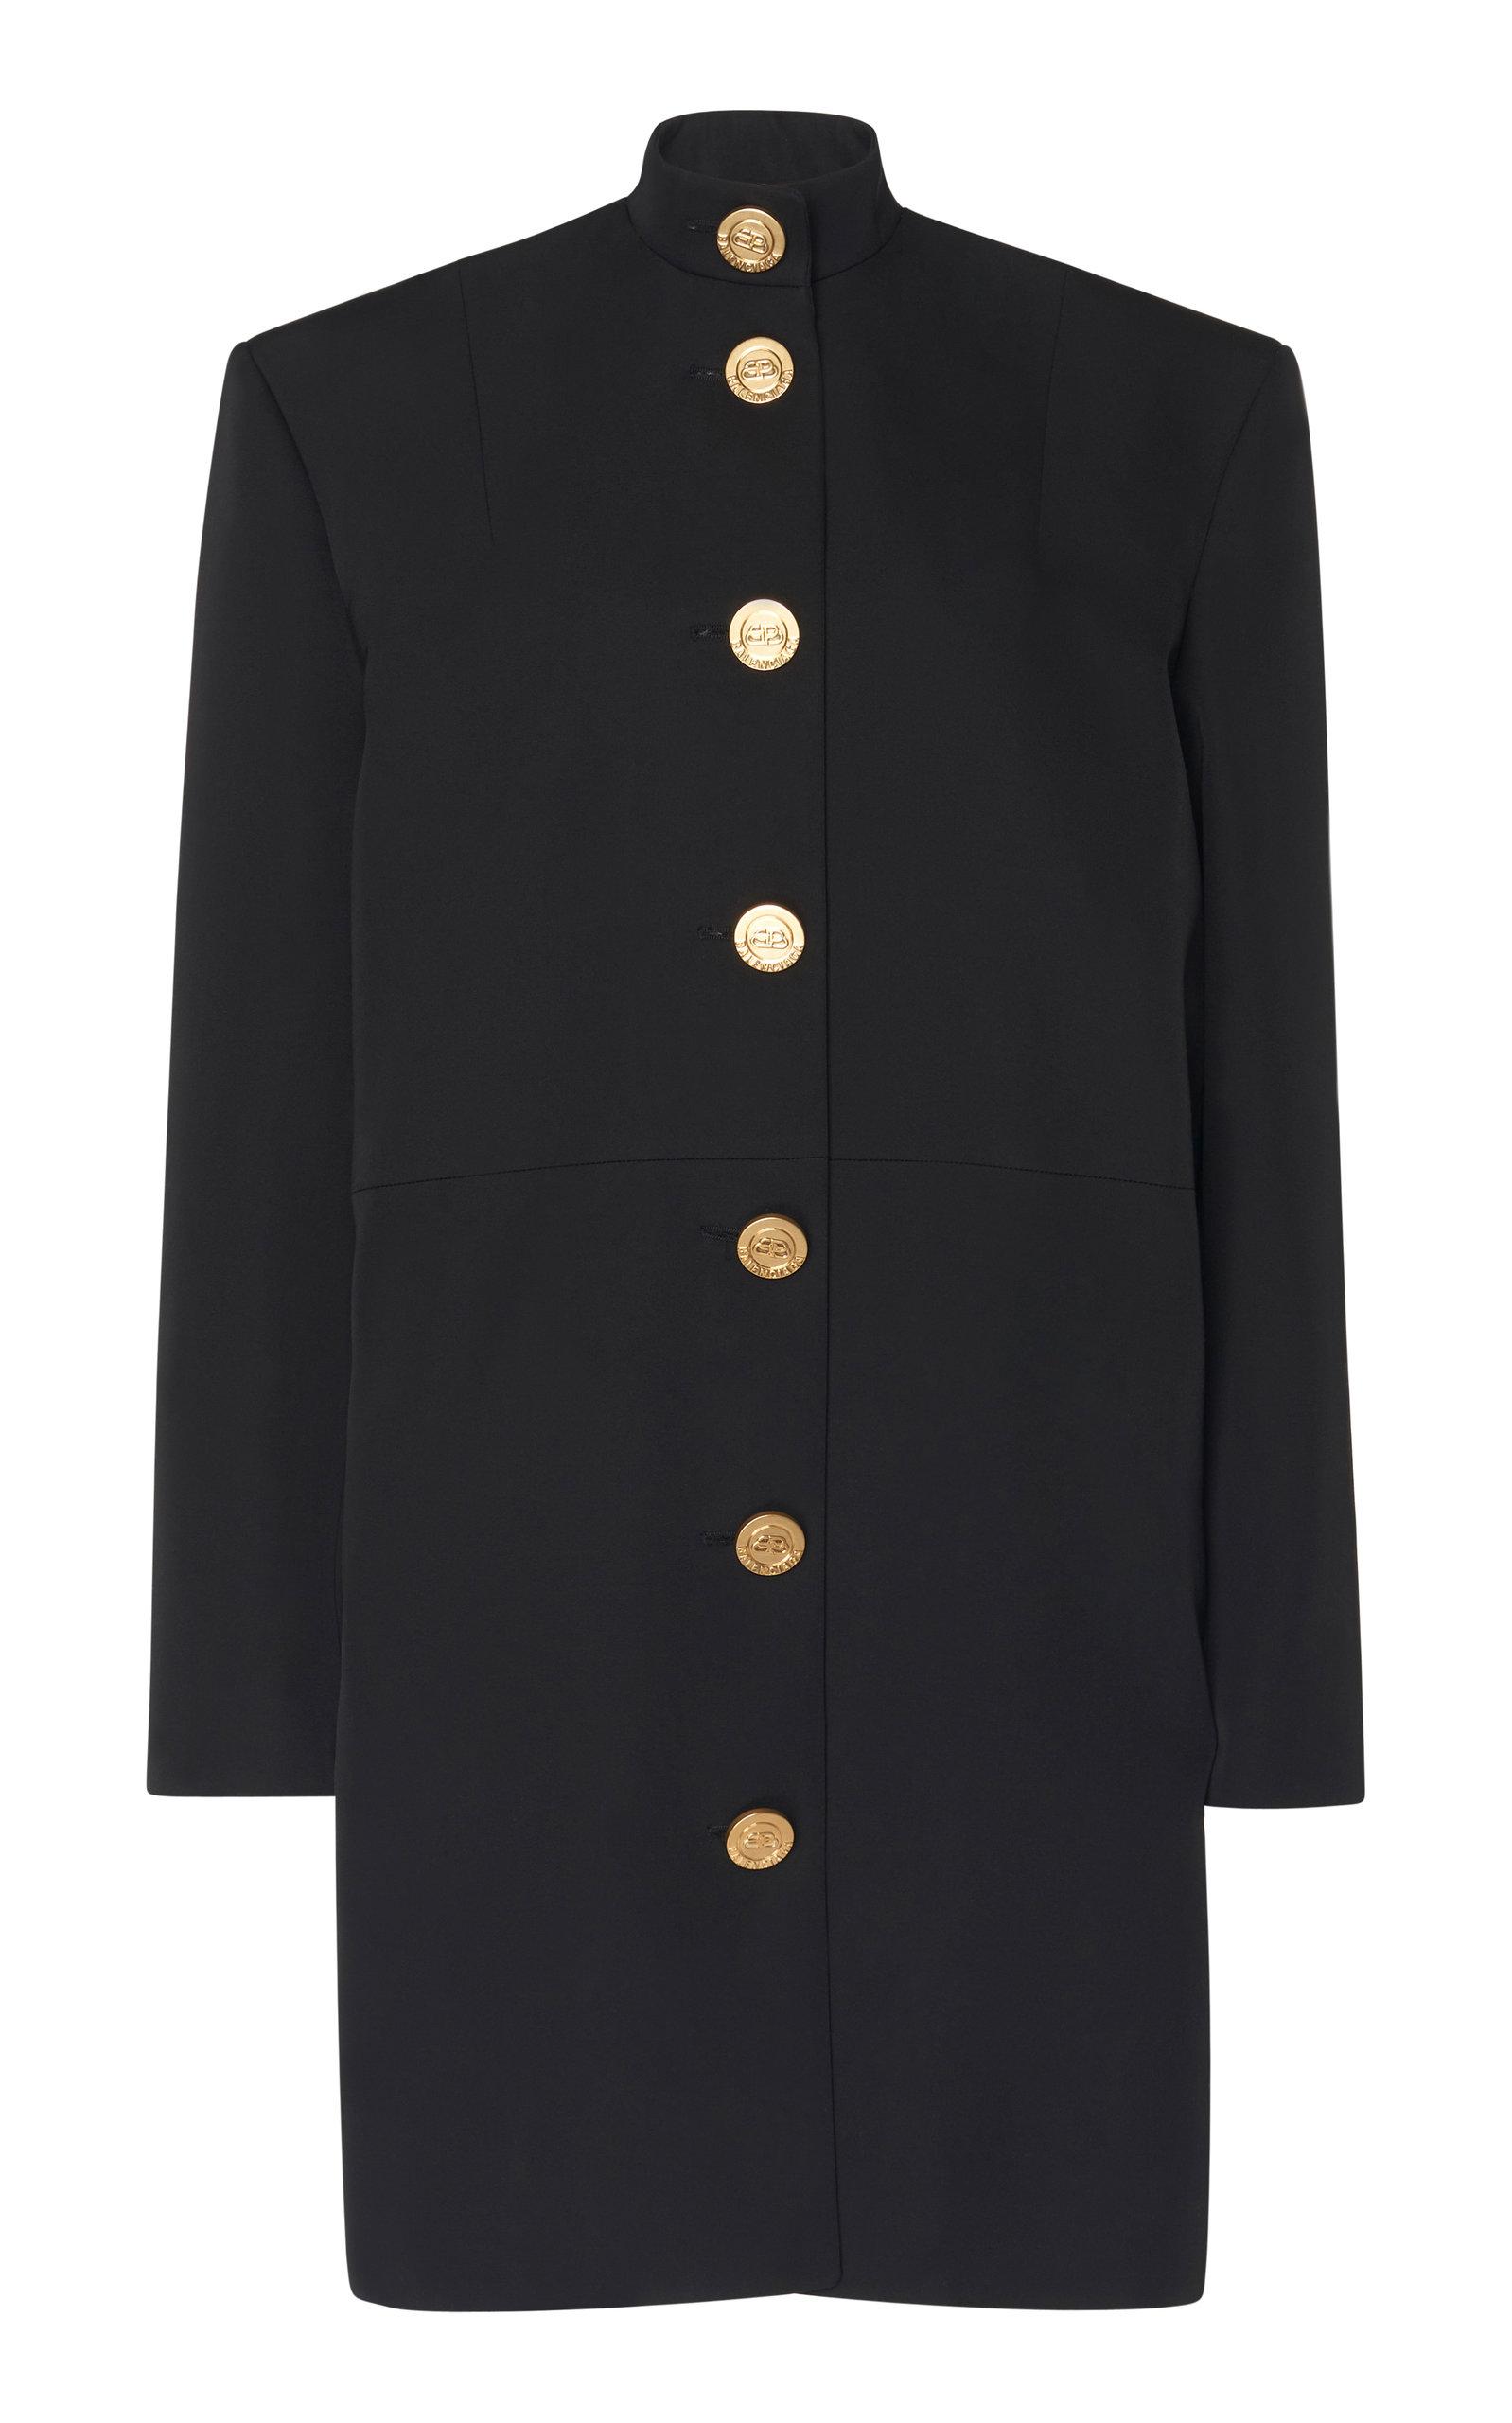 Buy Balenciaga Campaign Button-Detailed Barathea Dress online, shop Balenciaga at the best price